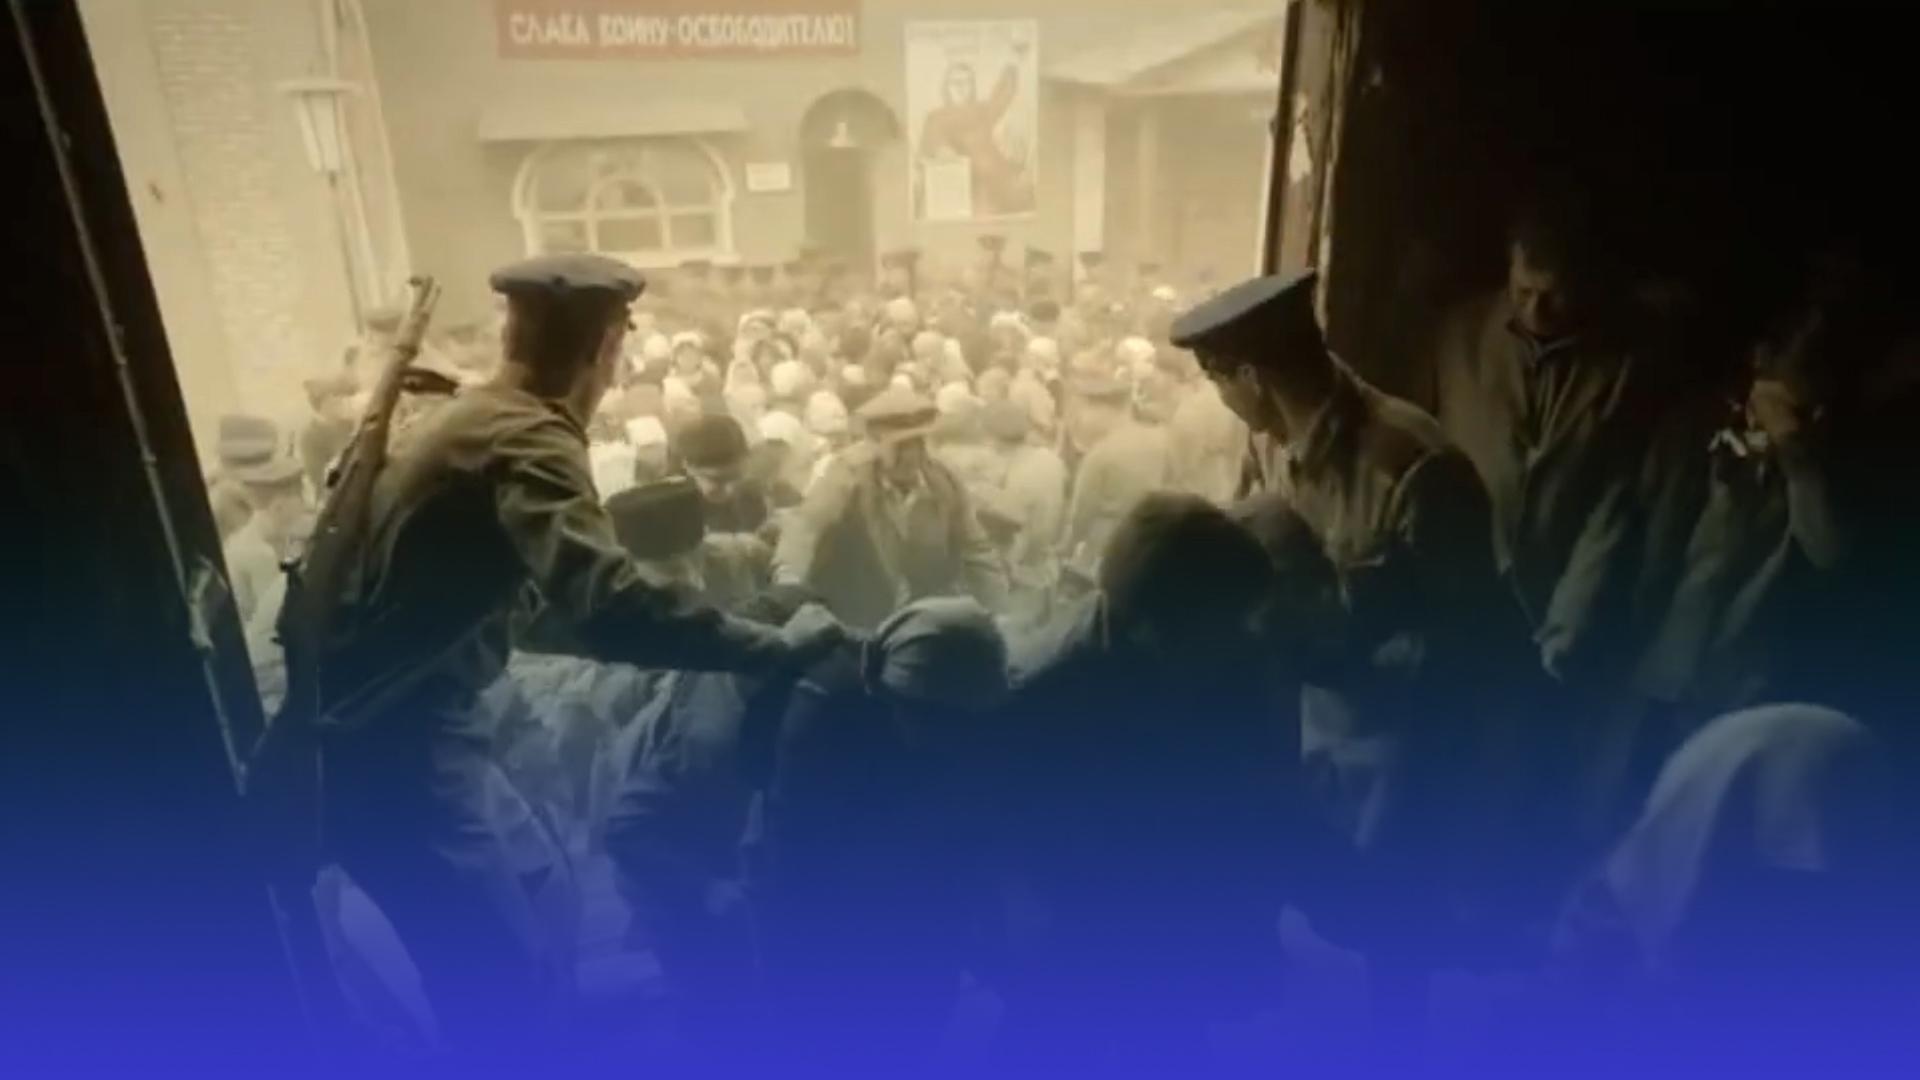 Понад 180 тисяч депортували: 18 травня вшановують пам'ять жертв геноциду кримських татар